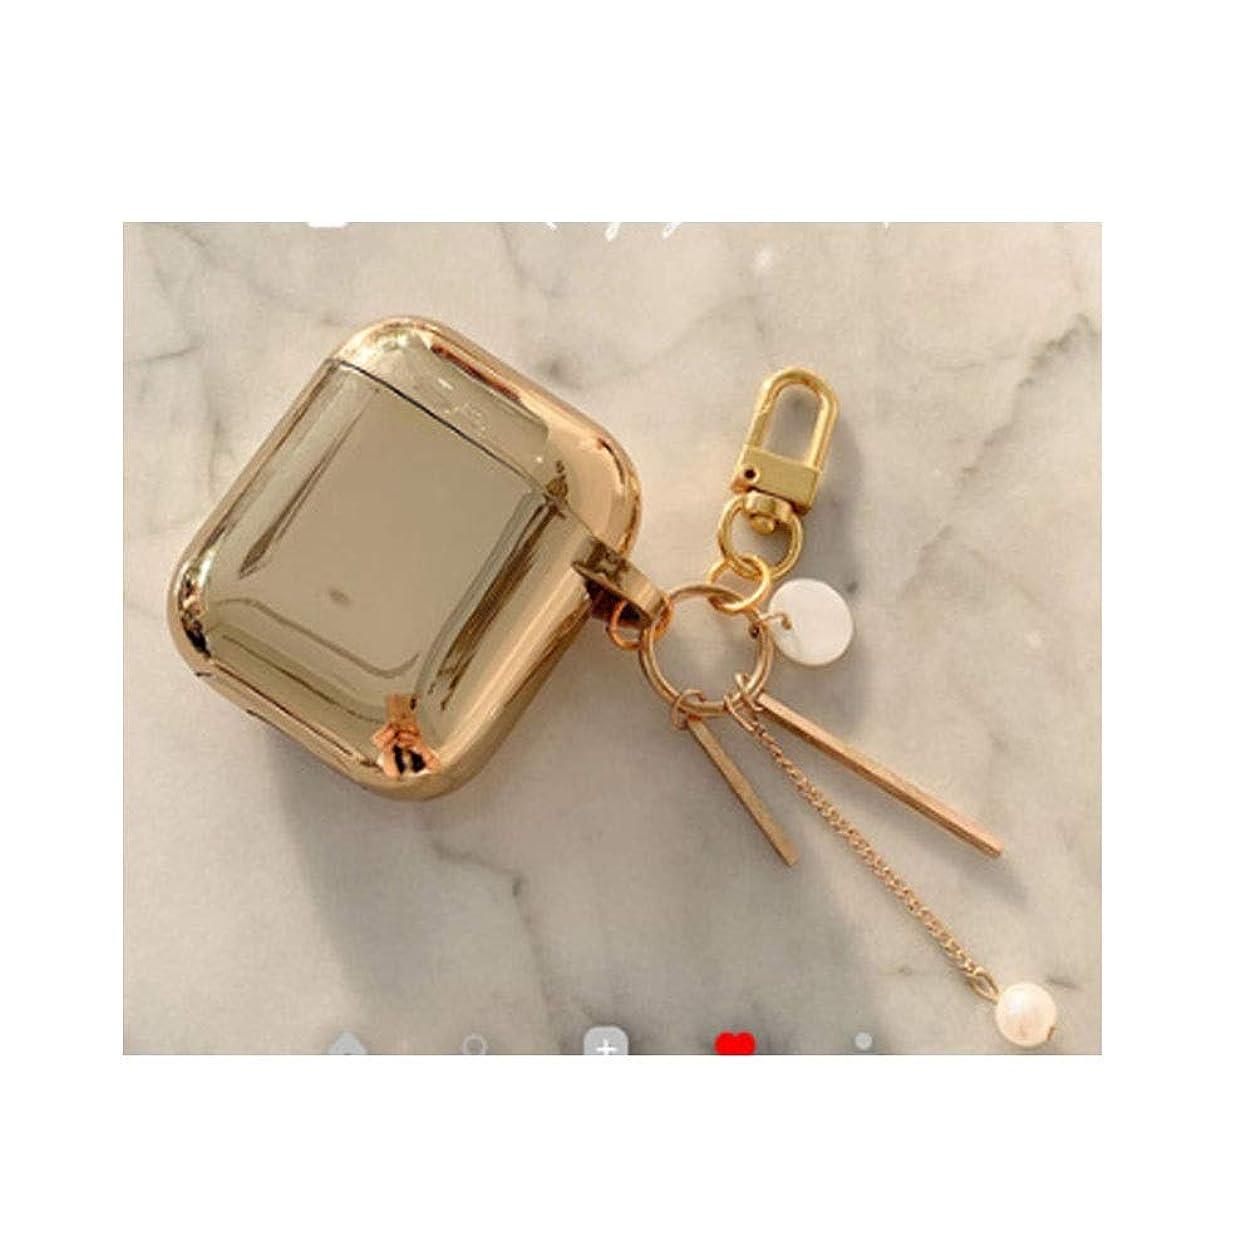 ギャンブル宝石前奏曲Fengshangshanghang ヘッドホンカバー - 美しく絶妙なデザインスタイル、安全で環境に優しい材料、持ち運びが簡単、美しいギフト(金、銀) 優雅な (Color : Gold)